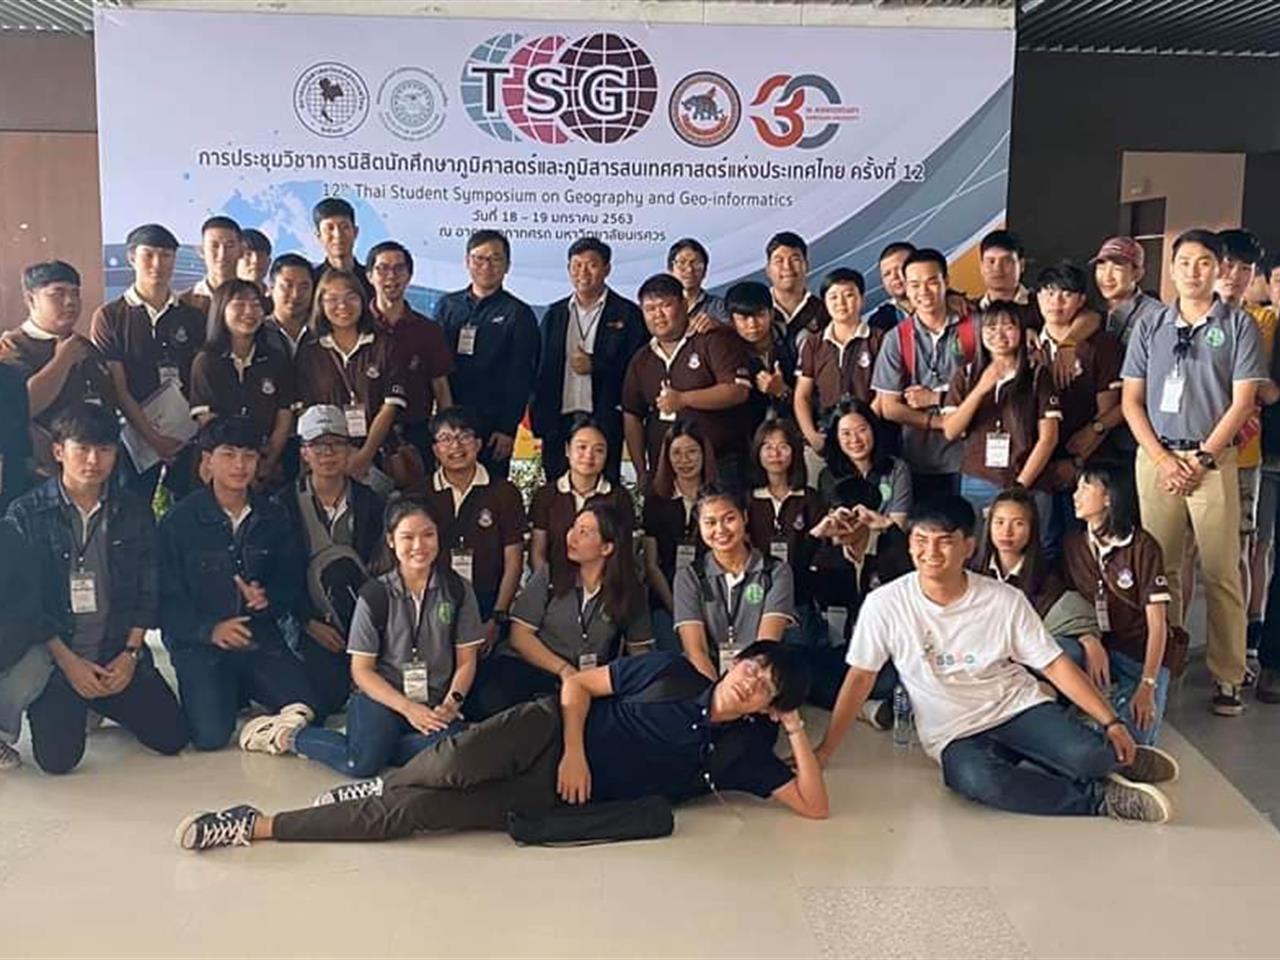 นิสิตสาขาวิชาภูมิสารสนเทศศาสตร์ คณะ ICT ม.พะเยา คว้า 4รางวัลการนำเสนอผลงานวิจัย ในการประชุมวิชาการนิสิตนักศึกษาภูมิศาสตร์และภูมิสารสนเทศศาสตร์แห่งประเทศไทย ครั้งที่ 12